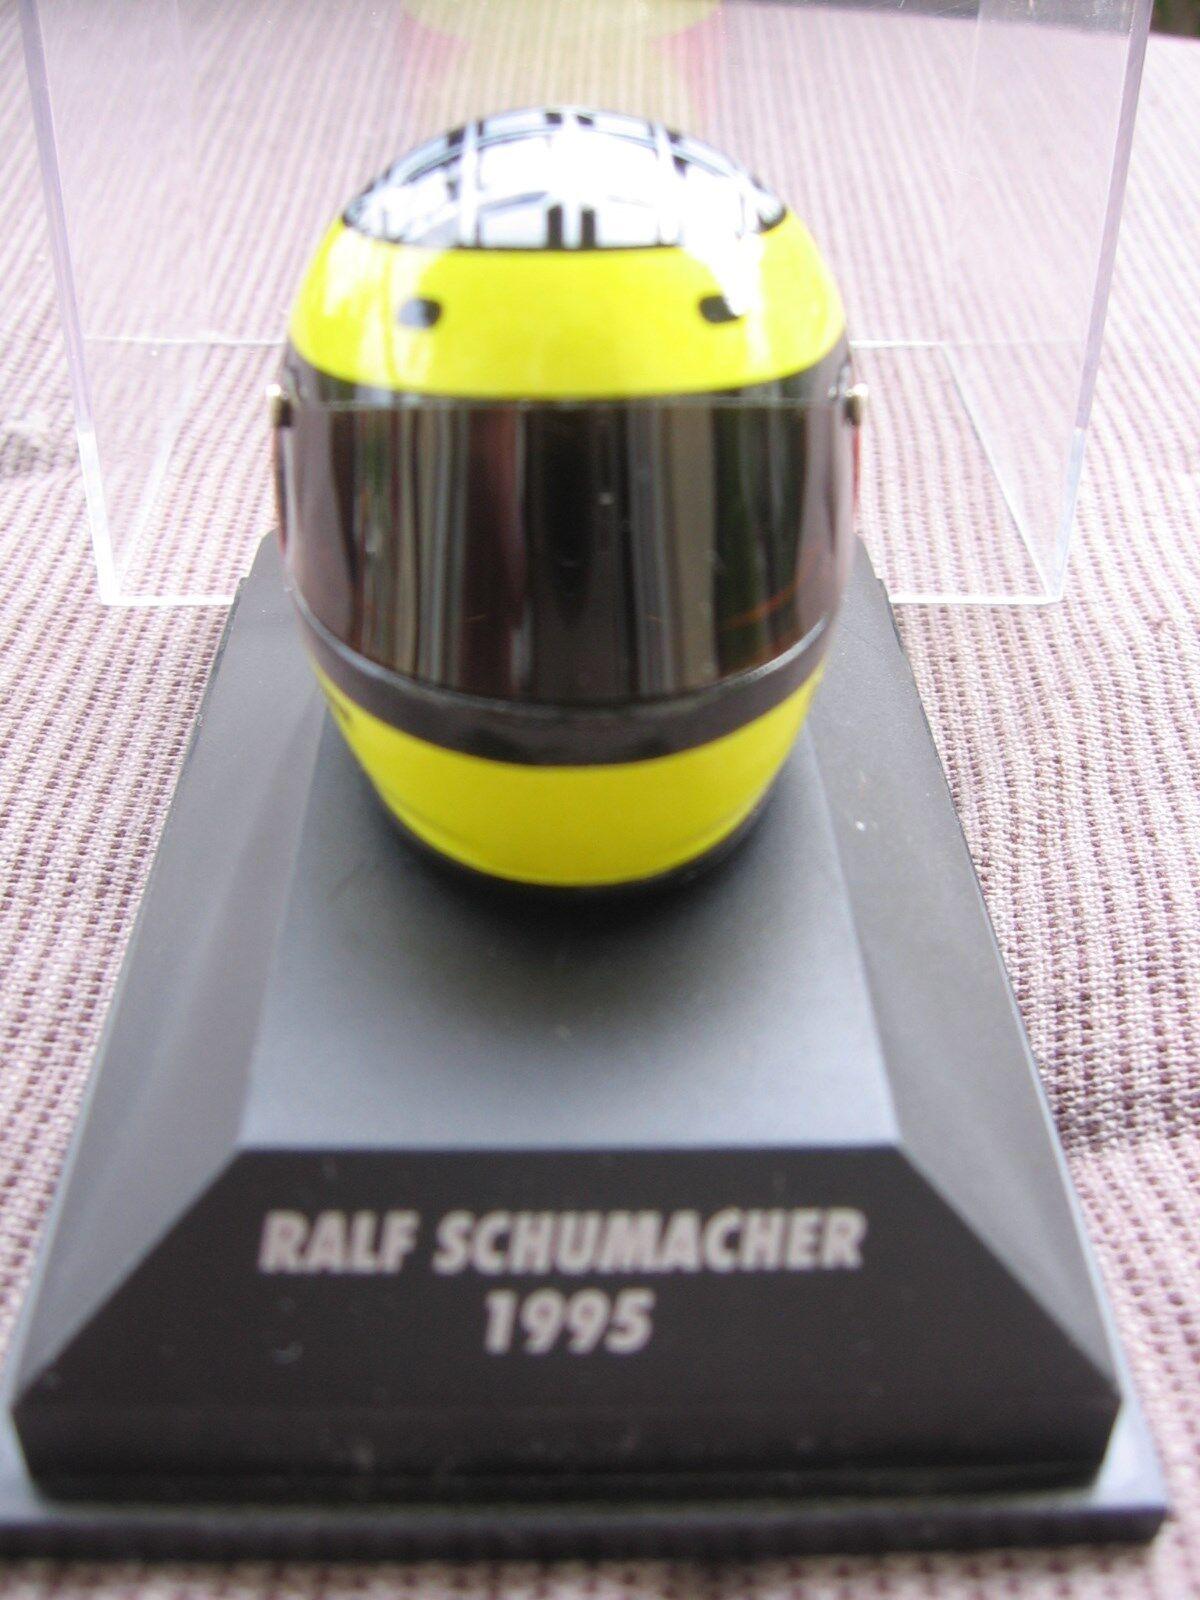 Schumacher f1 DALLARA OPEL Bell 1995 1:8 HELMET MINICHAMPS/NEW!